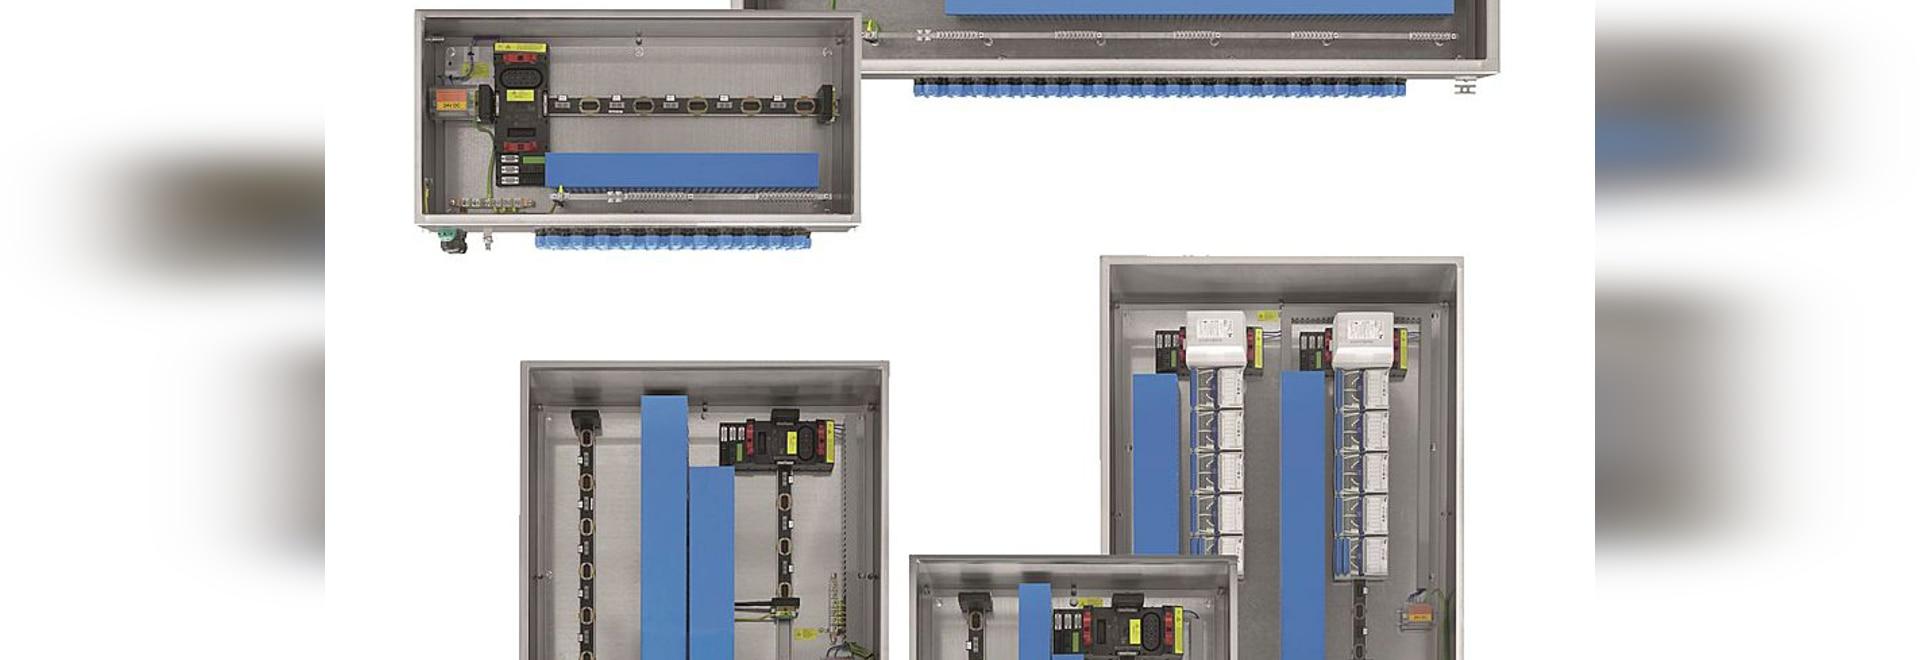 Clôtures standard d'IS1+ - solutions à distance d'entrée-sortie de la zone 1 rapide